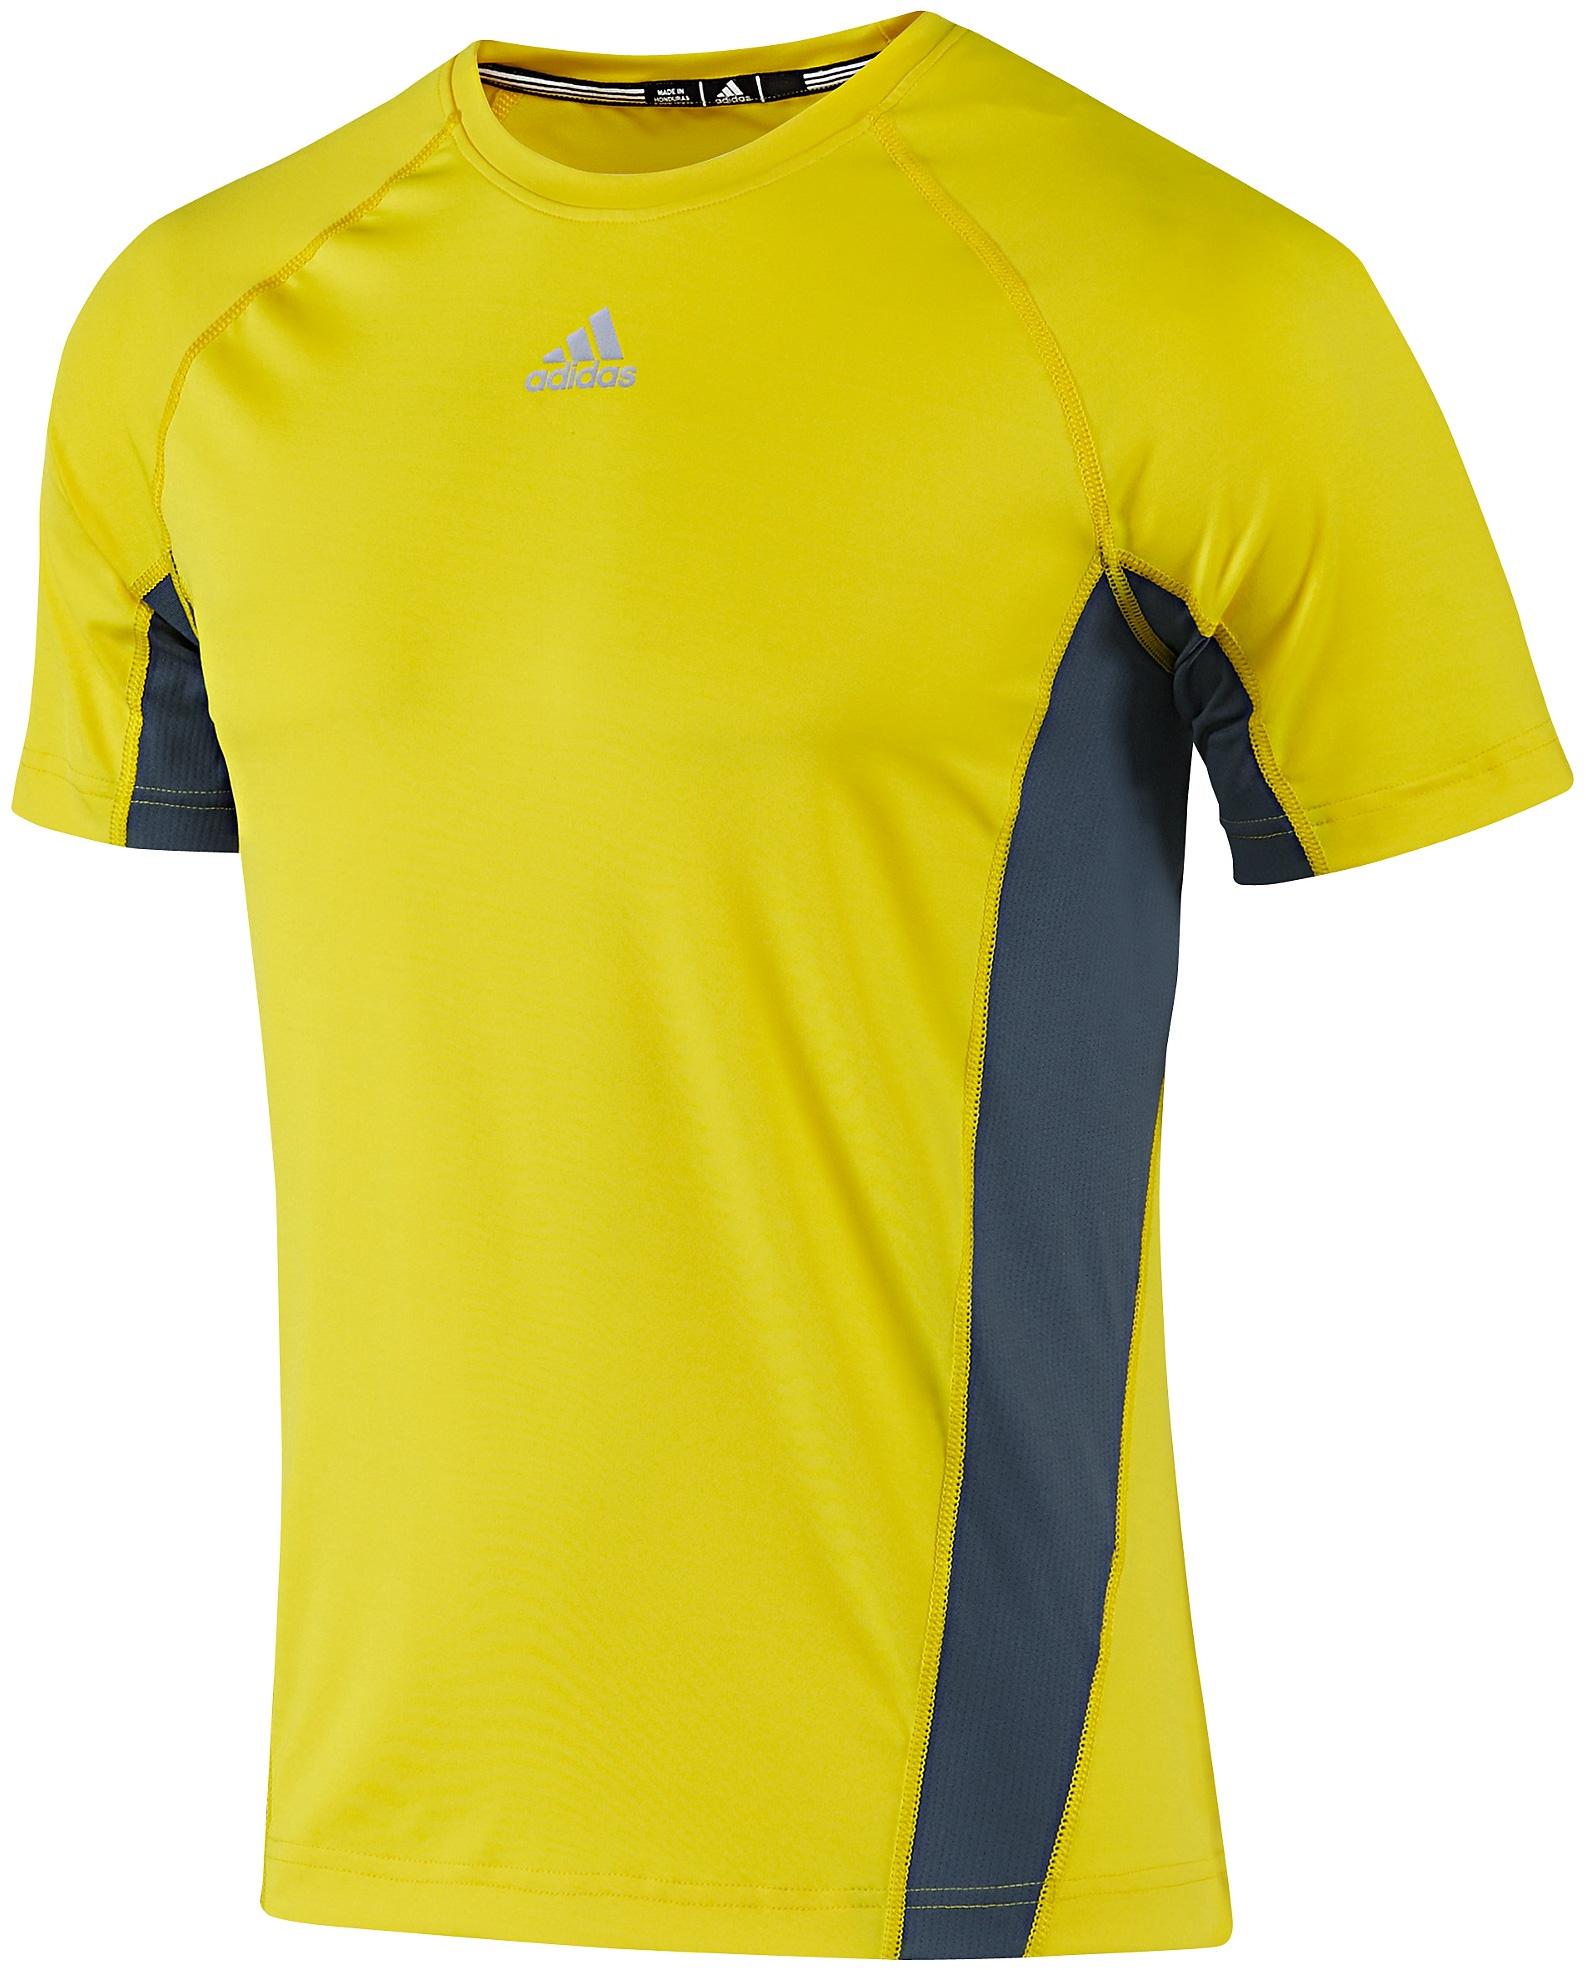 美國百分百【全新真品】Adidas T恤 愛迪達 T-shirt 短袖 上衣 彈性 螢光黃 排汗 透氣 男 S號